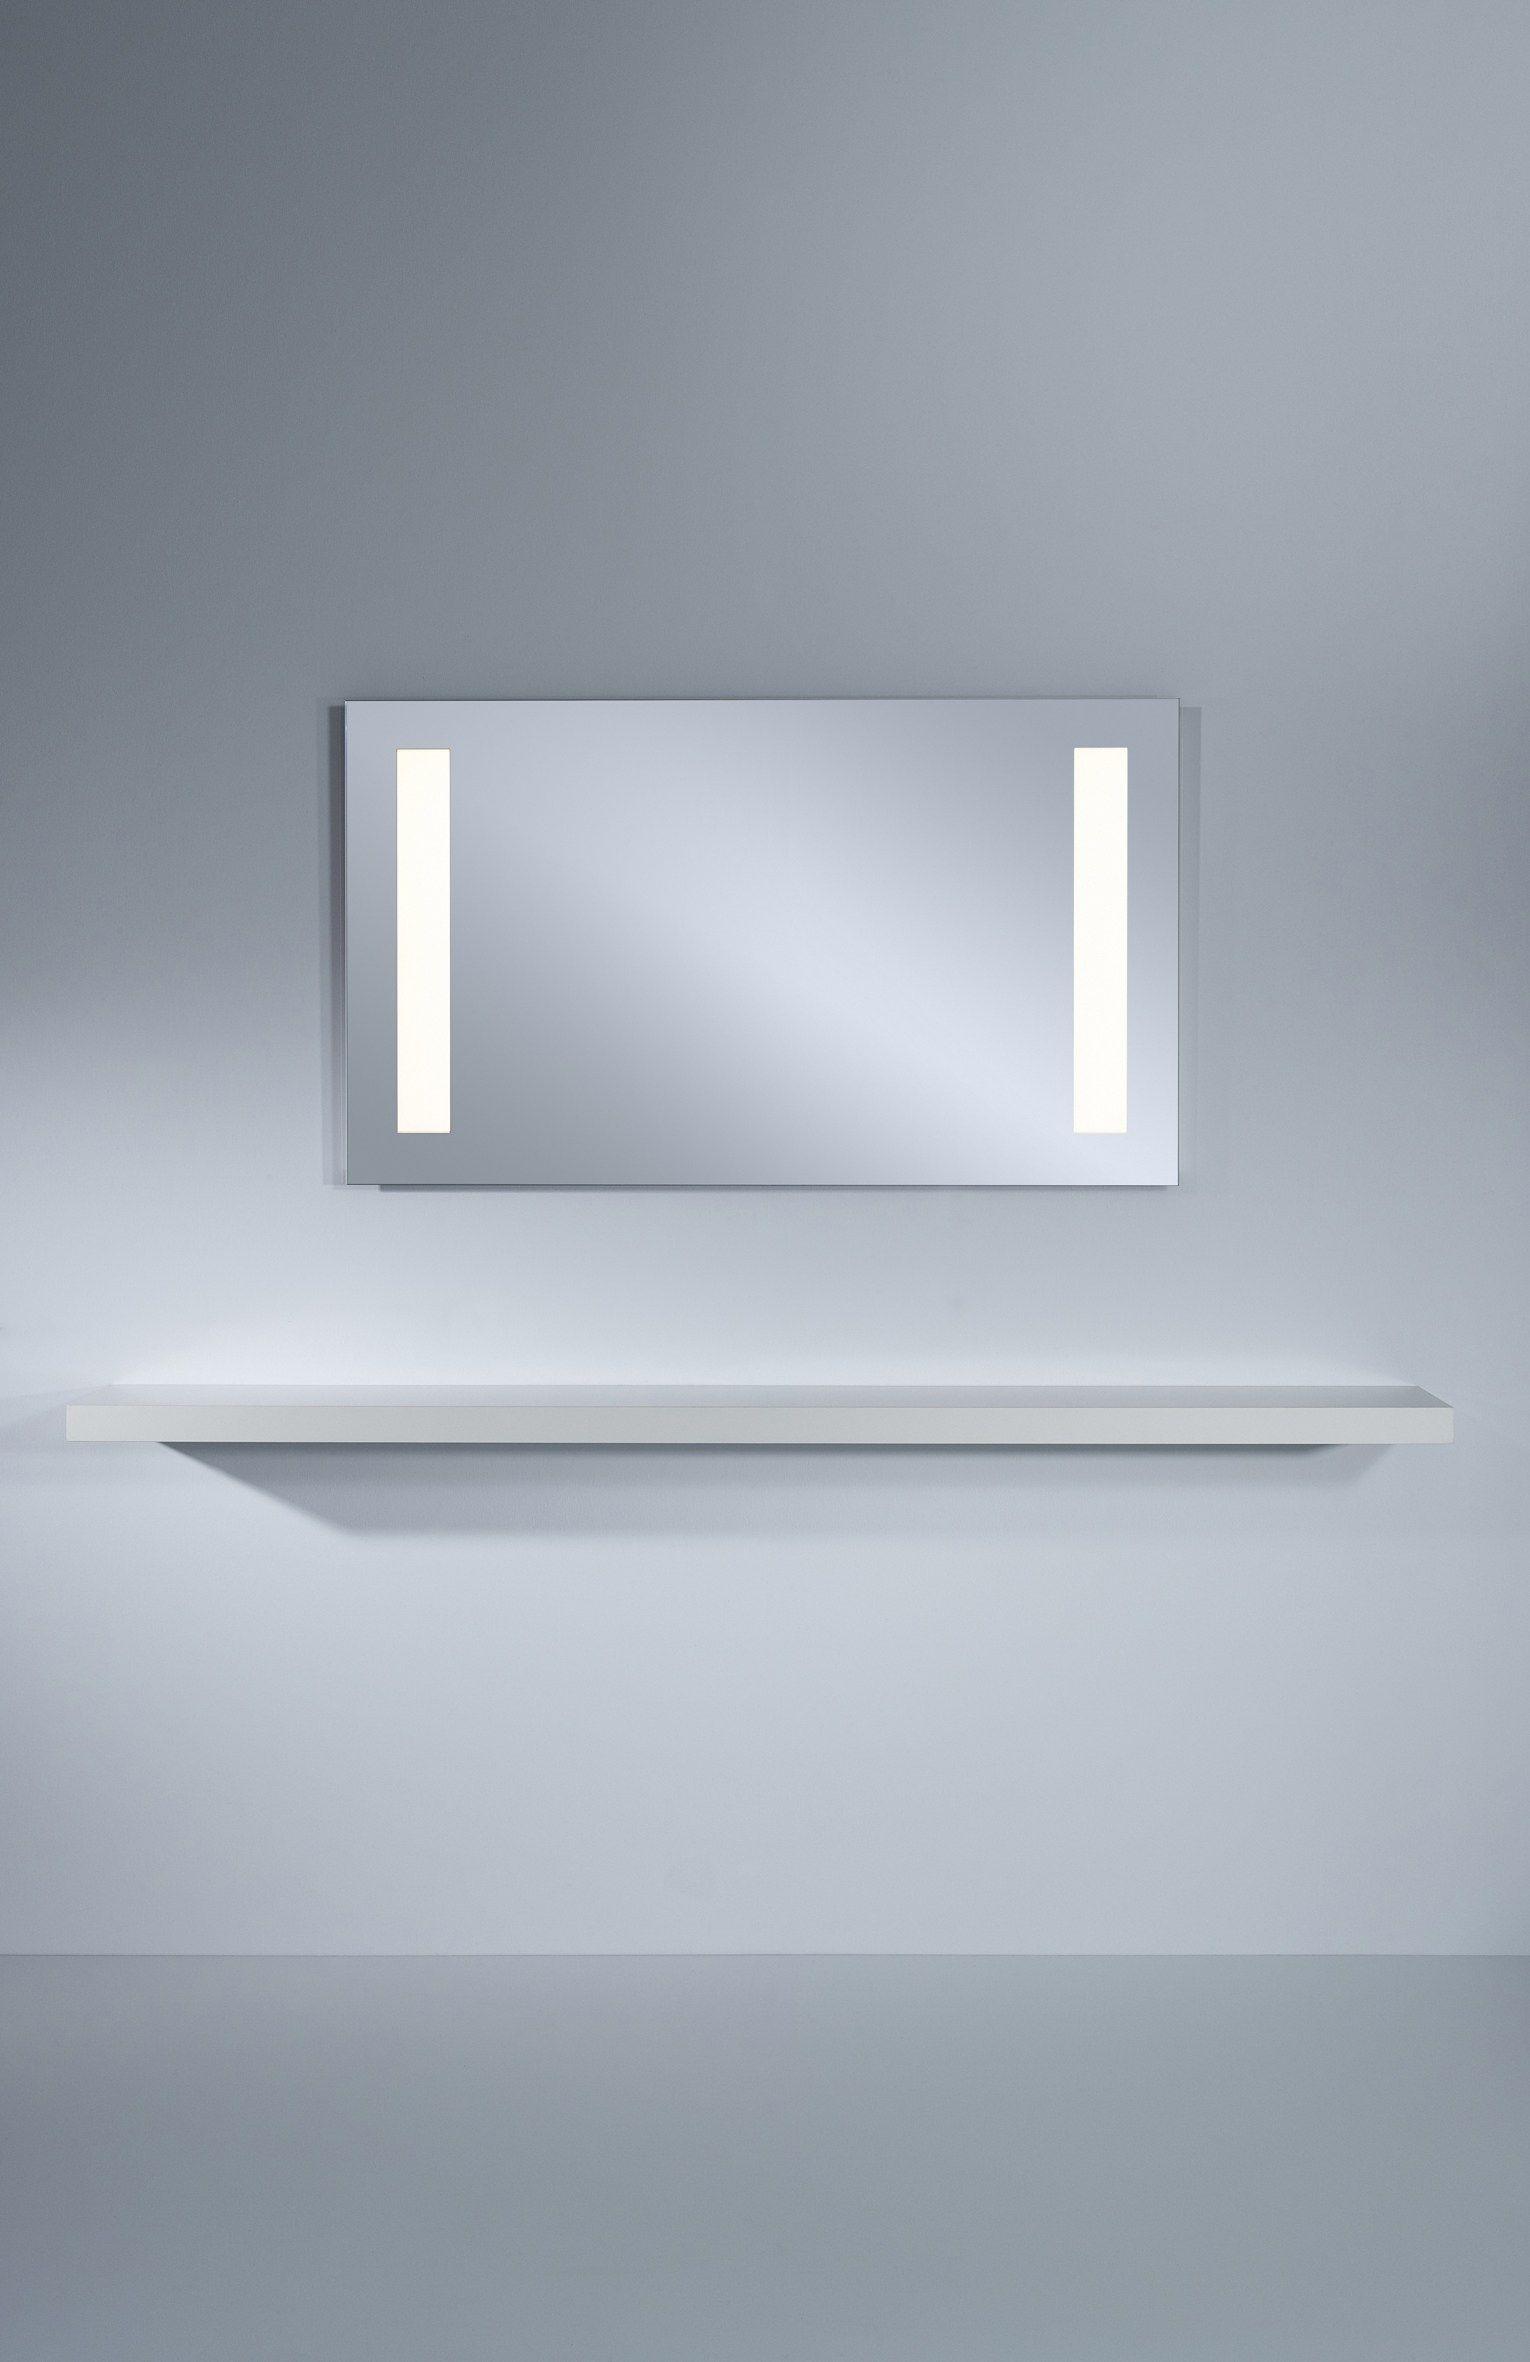 Miroir mural avec clairage int gr b pure by deknudt mirrors for Miroir avec eclairage